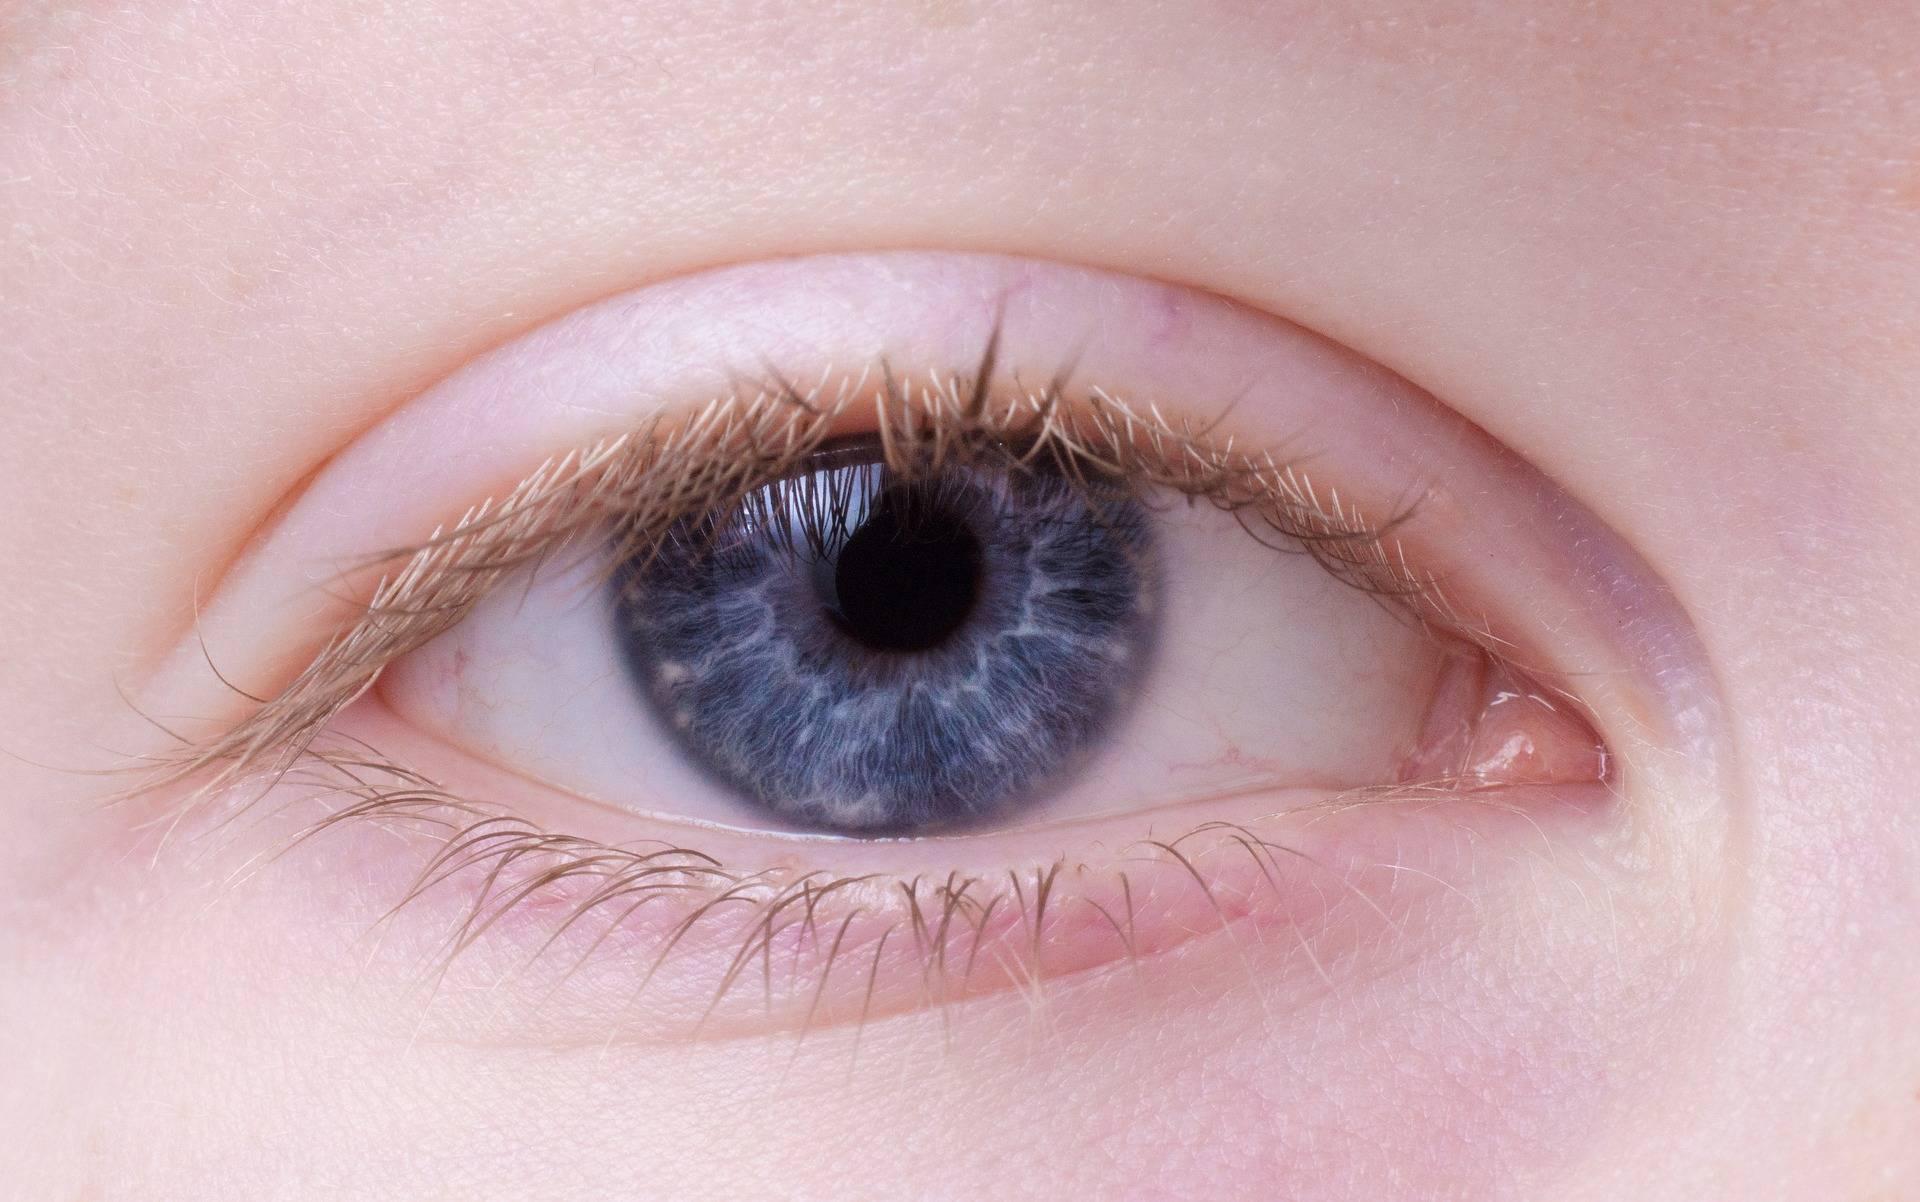 Выделения из глаз у ребенка – что предпринять?